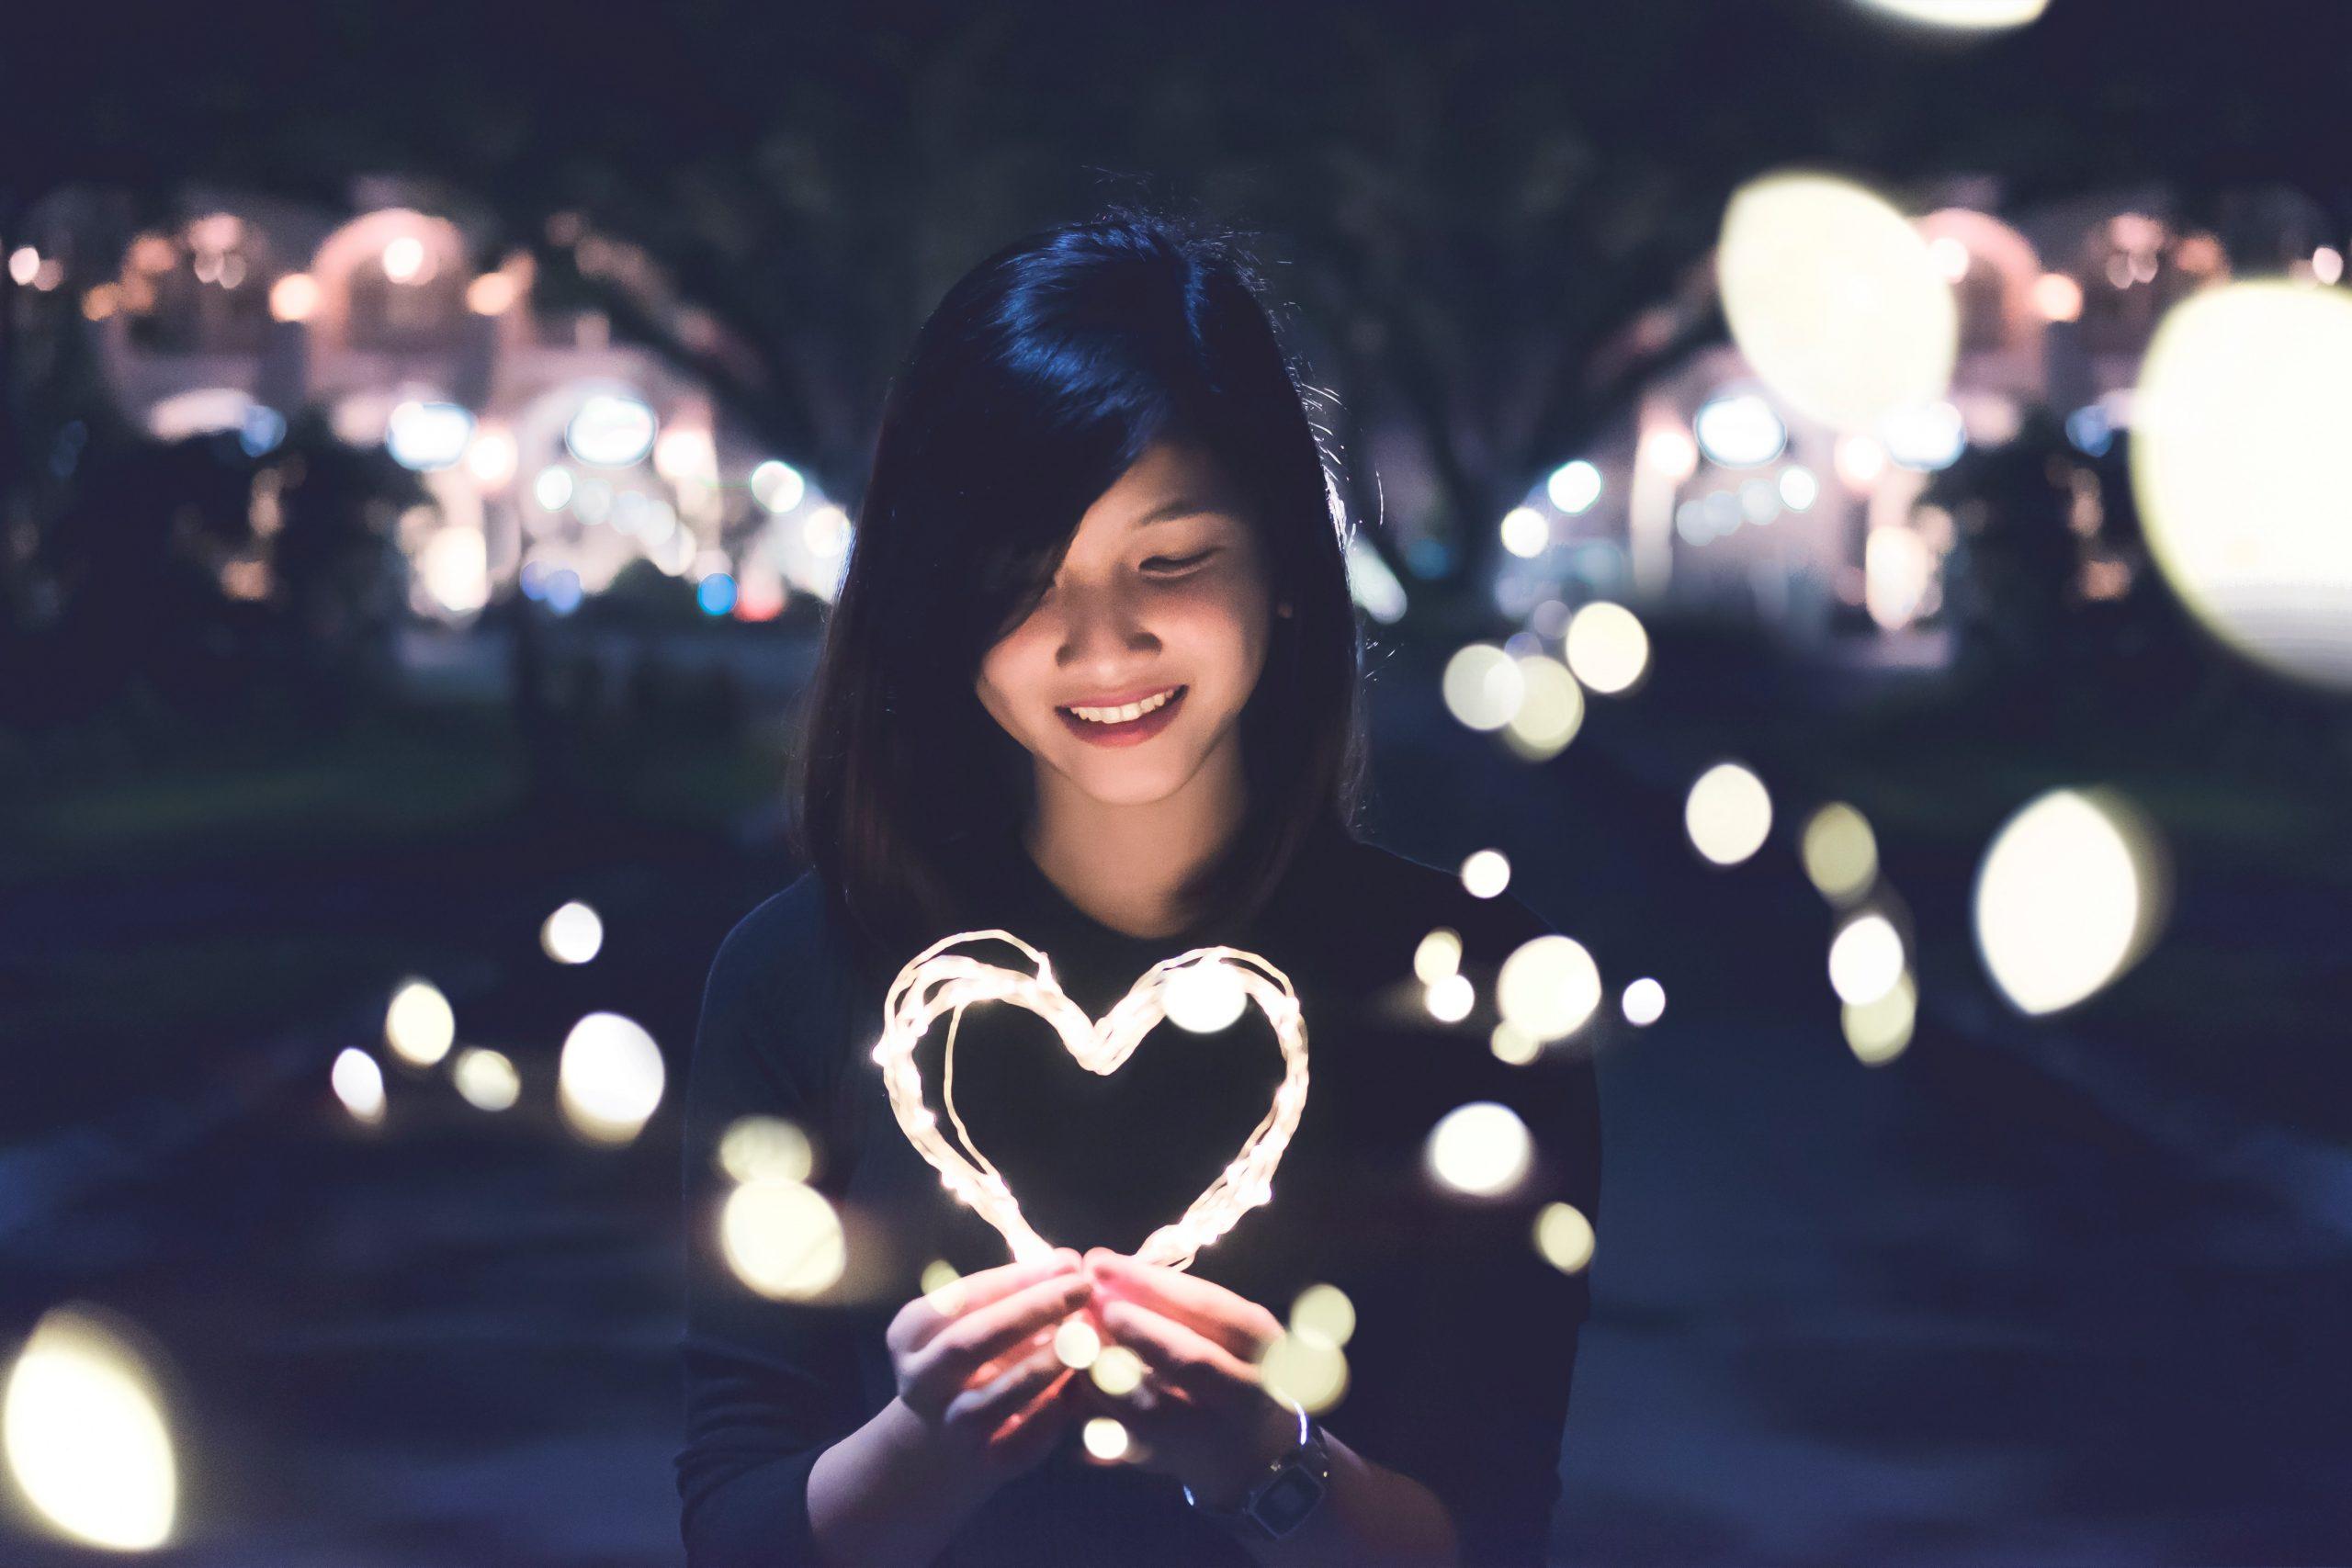 wallpaper Woman holding lit heart